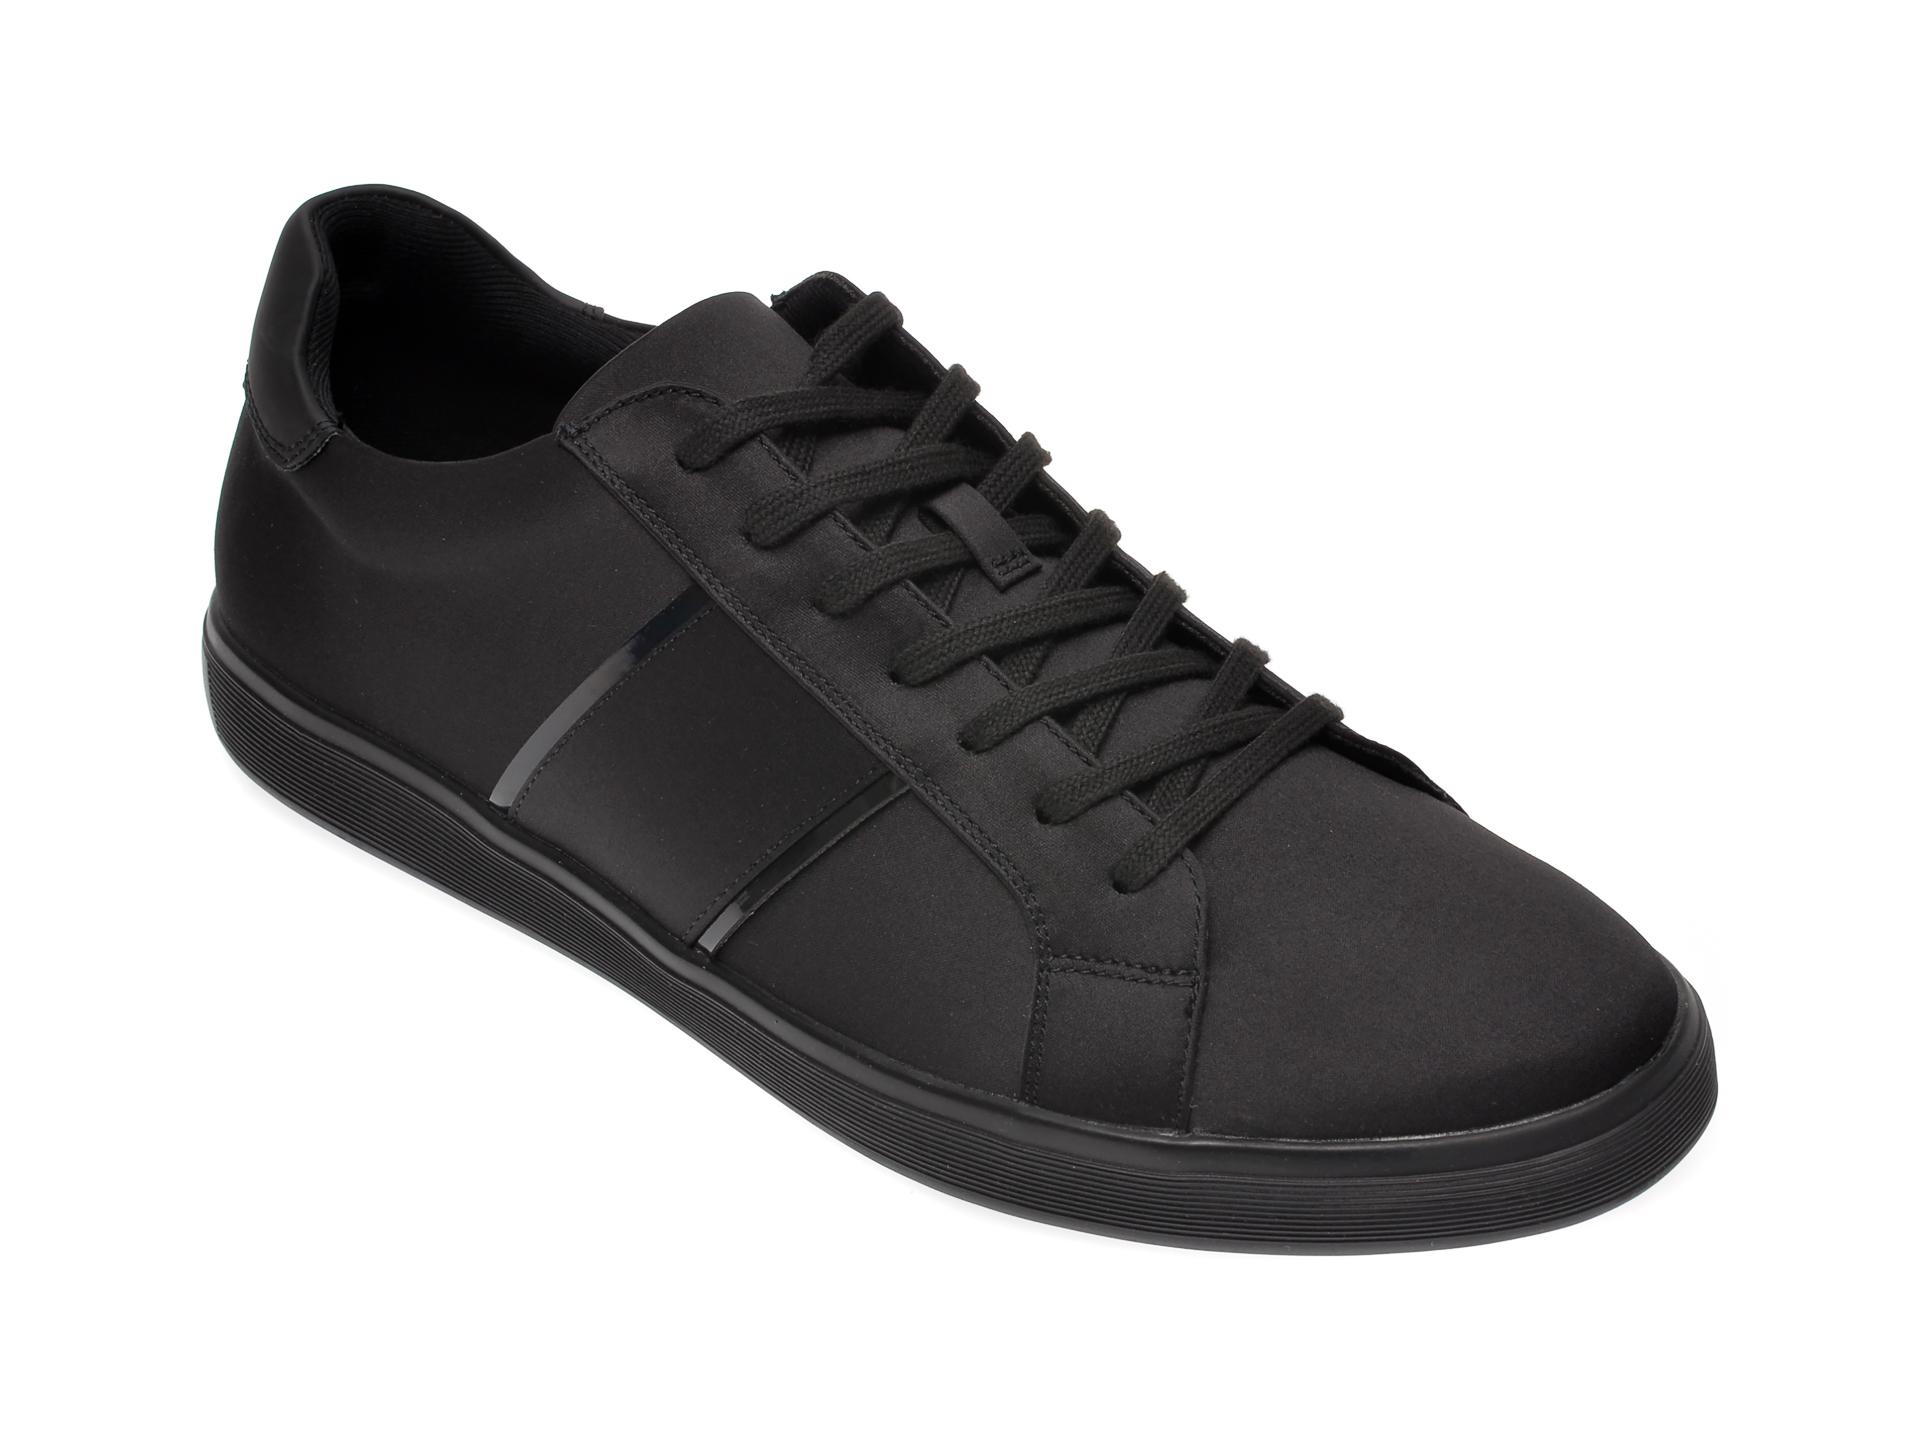 Pantofi ALDO negri, Cowien001, din material textil imagine